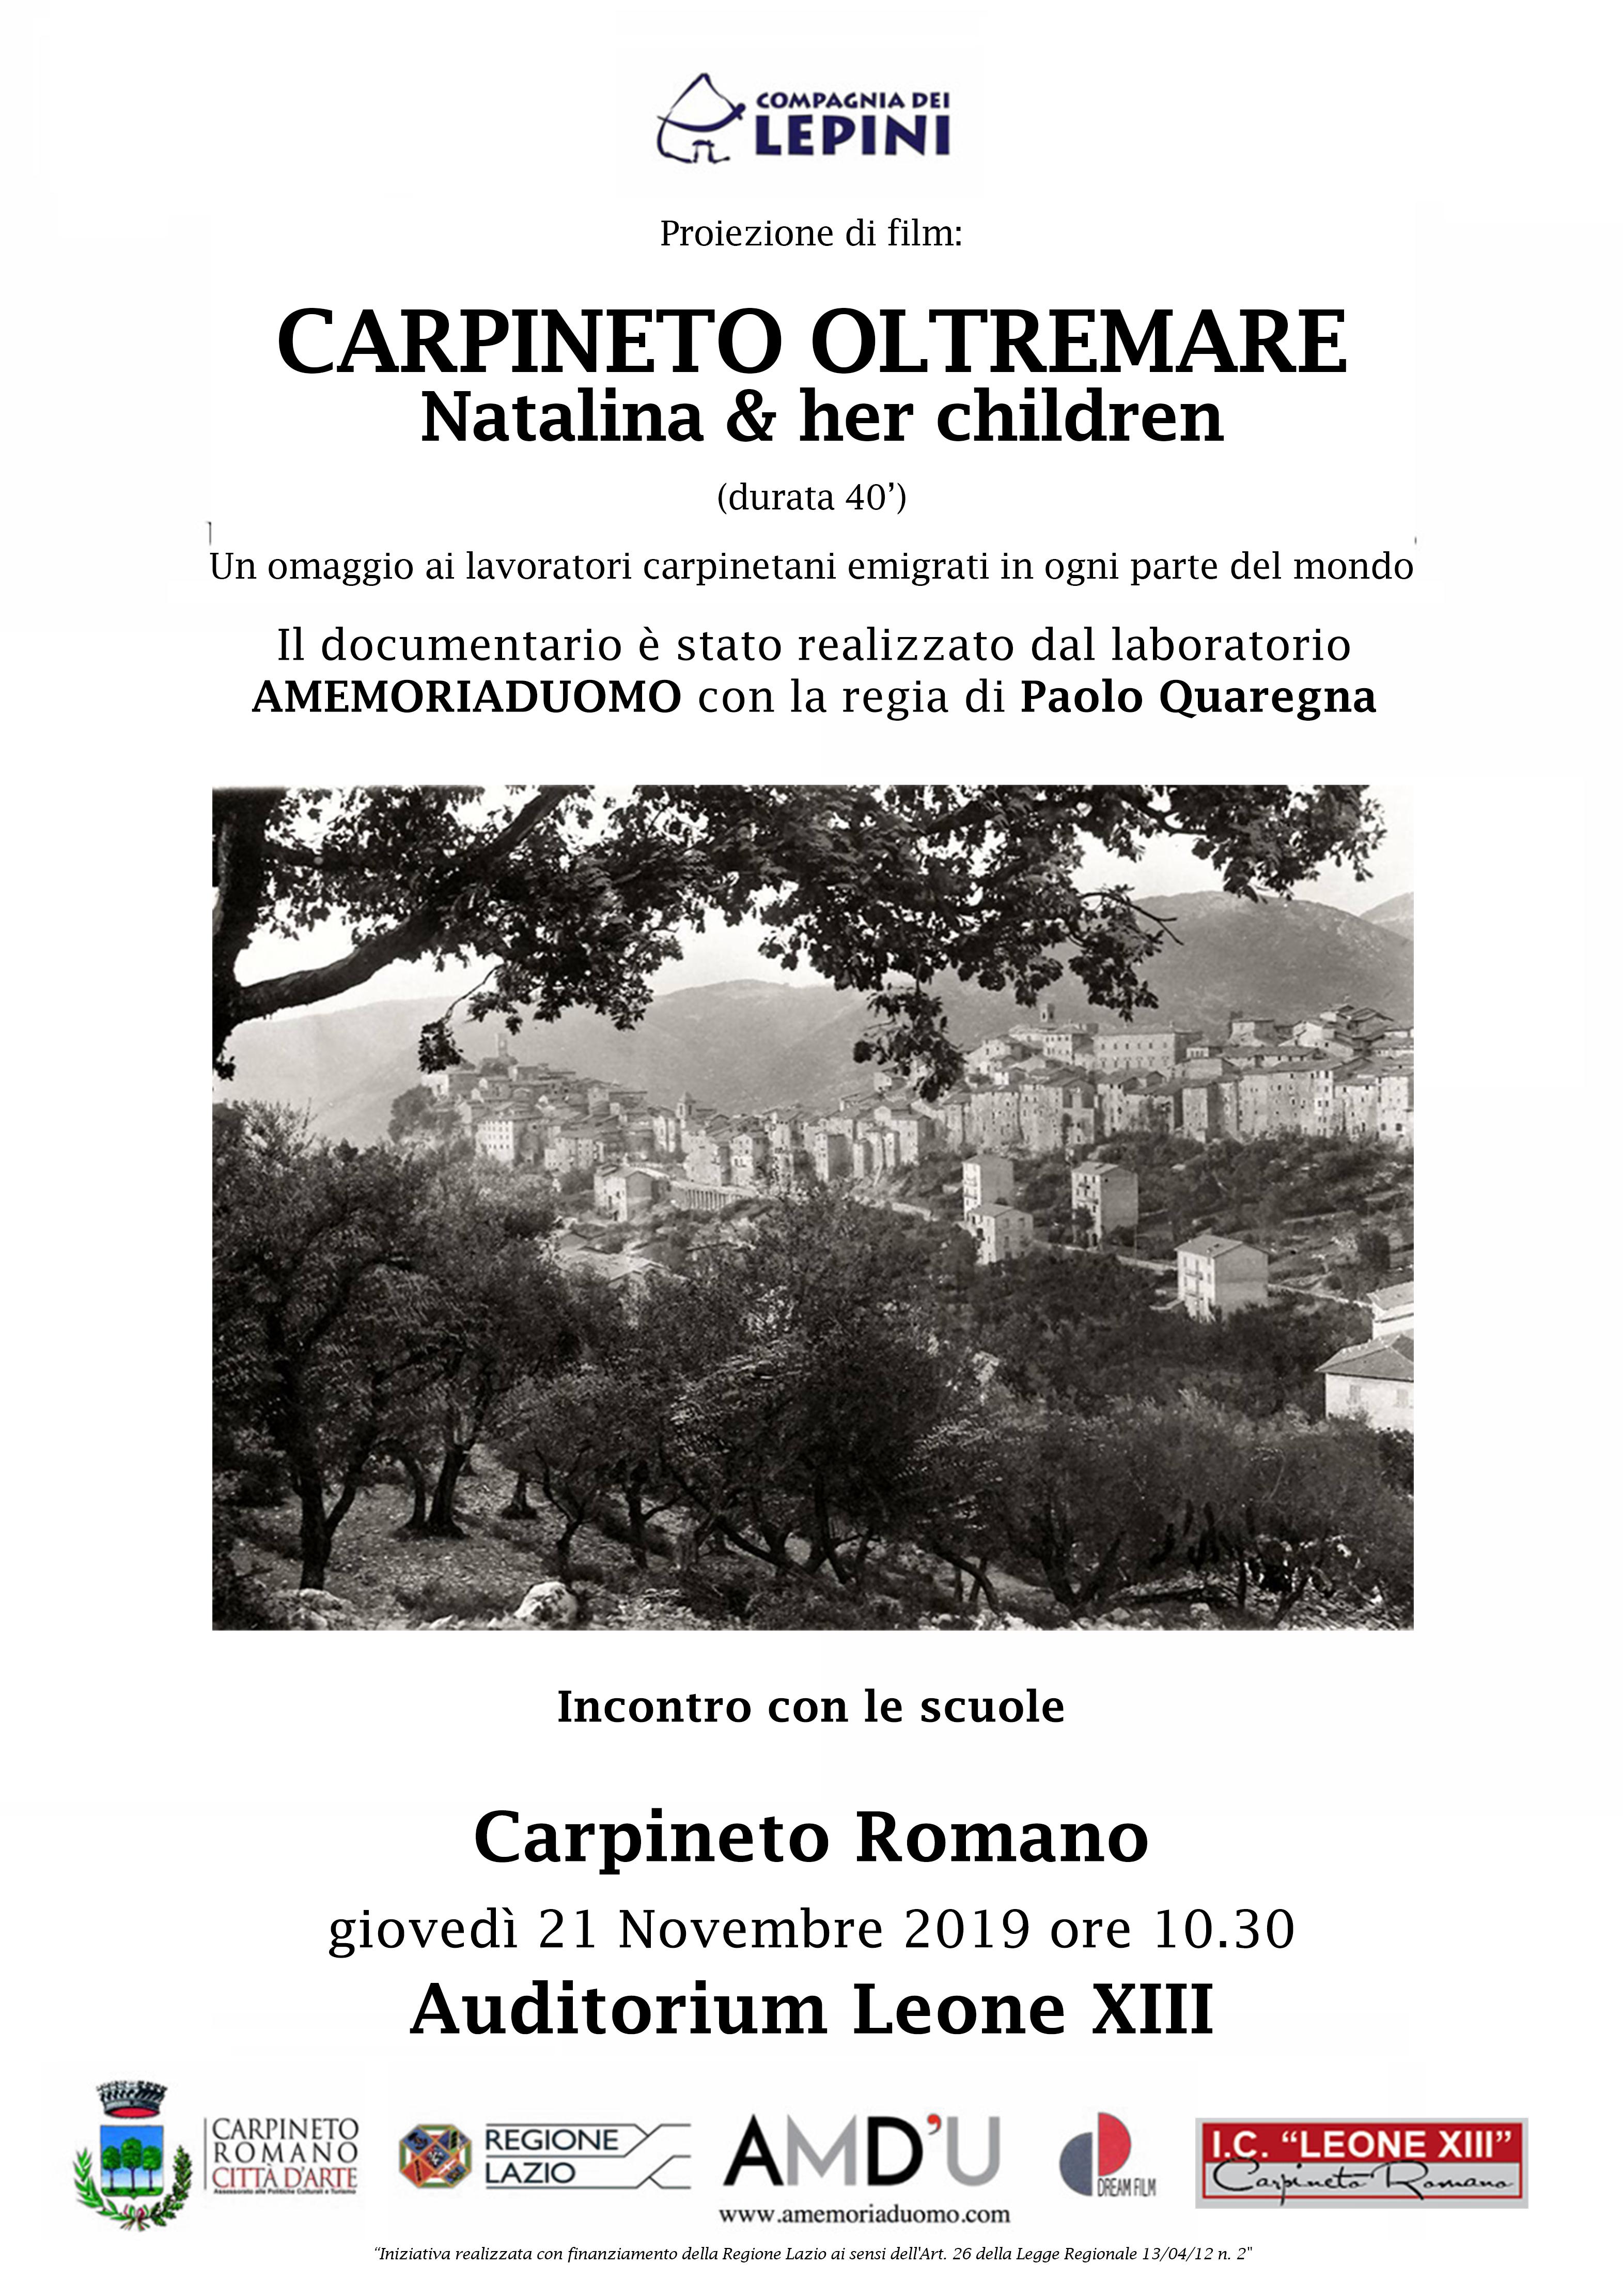 Carpineto Oltremare: Natalina & Her Children @ Auditorium Leone XIII   Carpineto Romano   Lazio   Italia